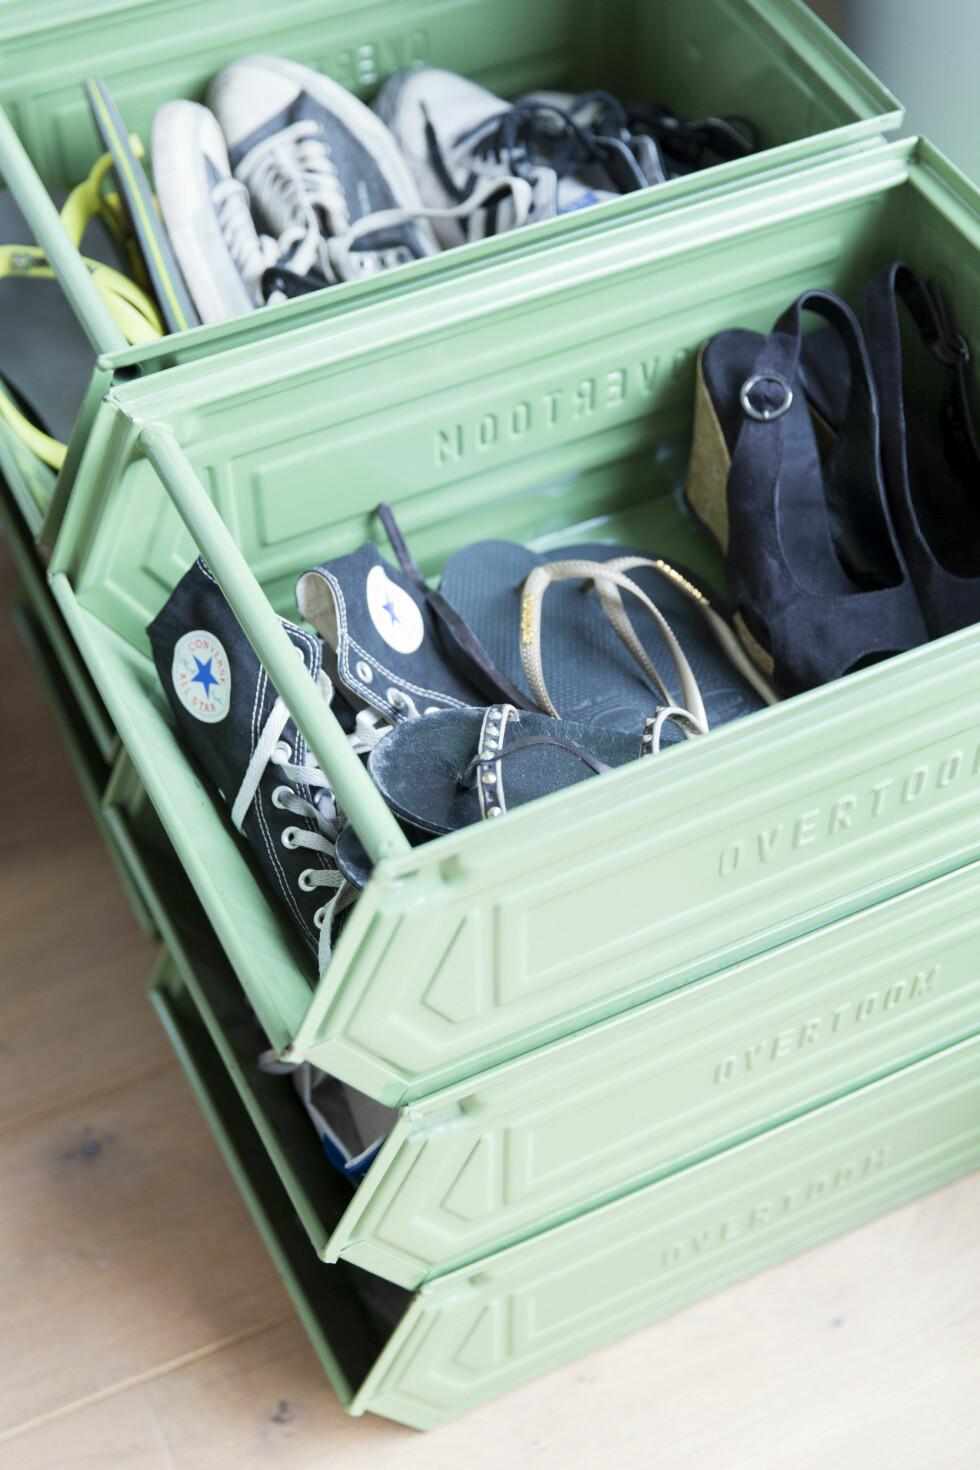 FINE BOKSER: De mintgrønne boksene er fra et gammelt varehus for verktøy.   Foto: Margriet Hoekstral